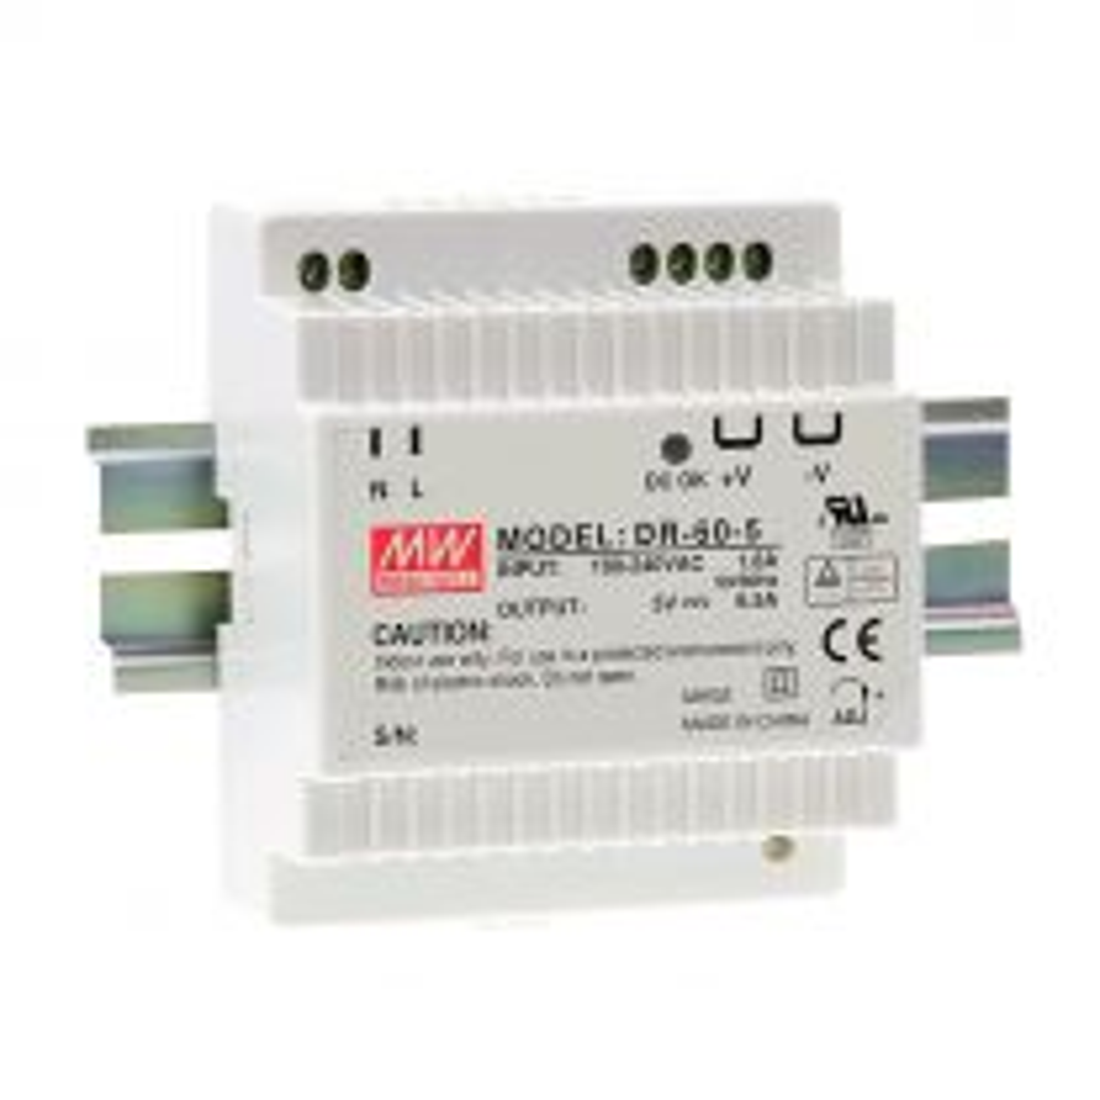 Switch Mode DIN Rail Power Supply, 24 V DC / 2.5 A / 60 W